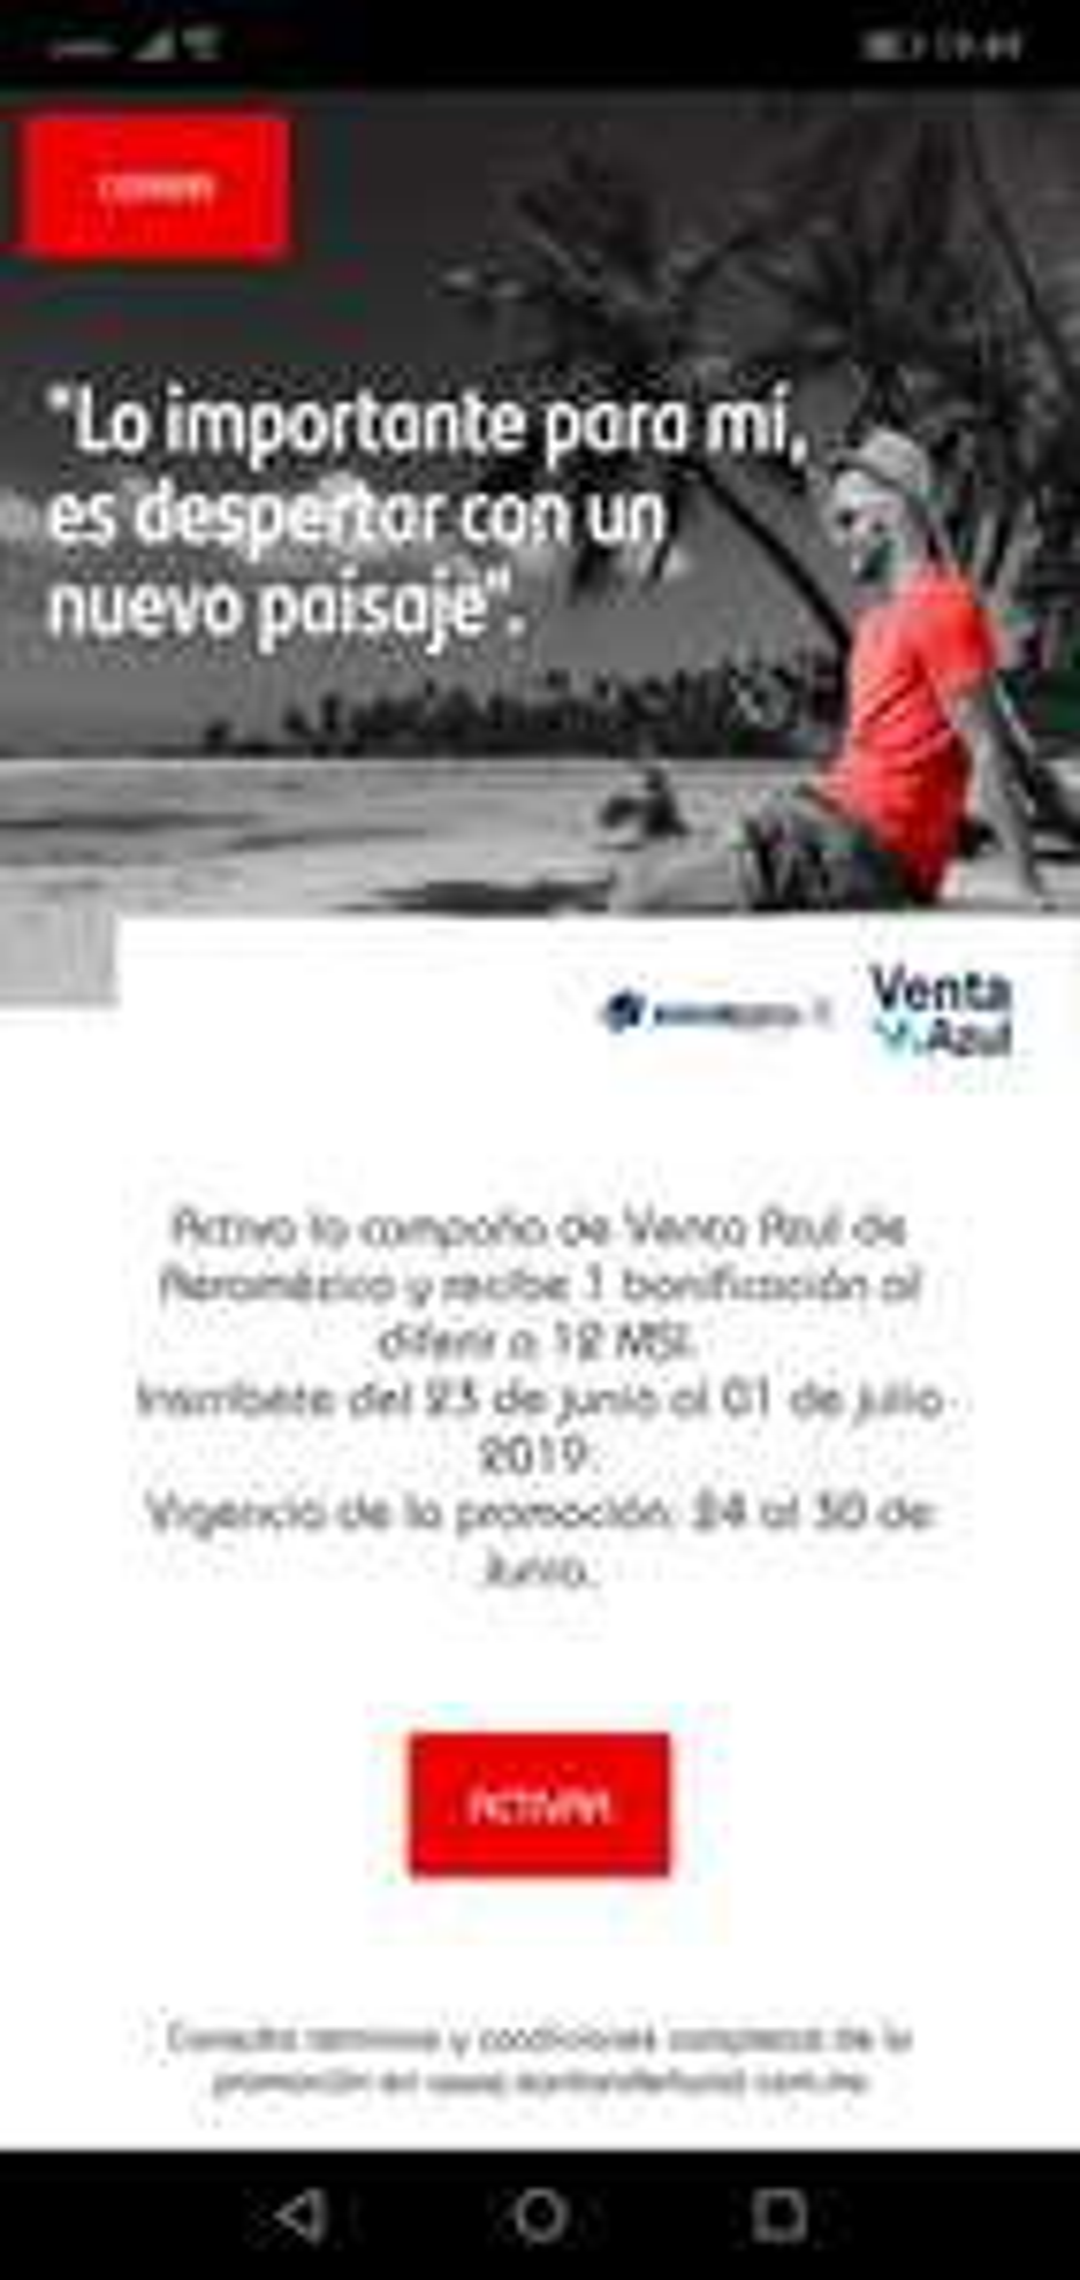 Aeroméxico: 1 mes de bonificación al diferir a 12 MSI con Santander